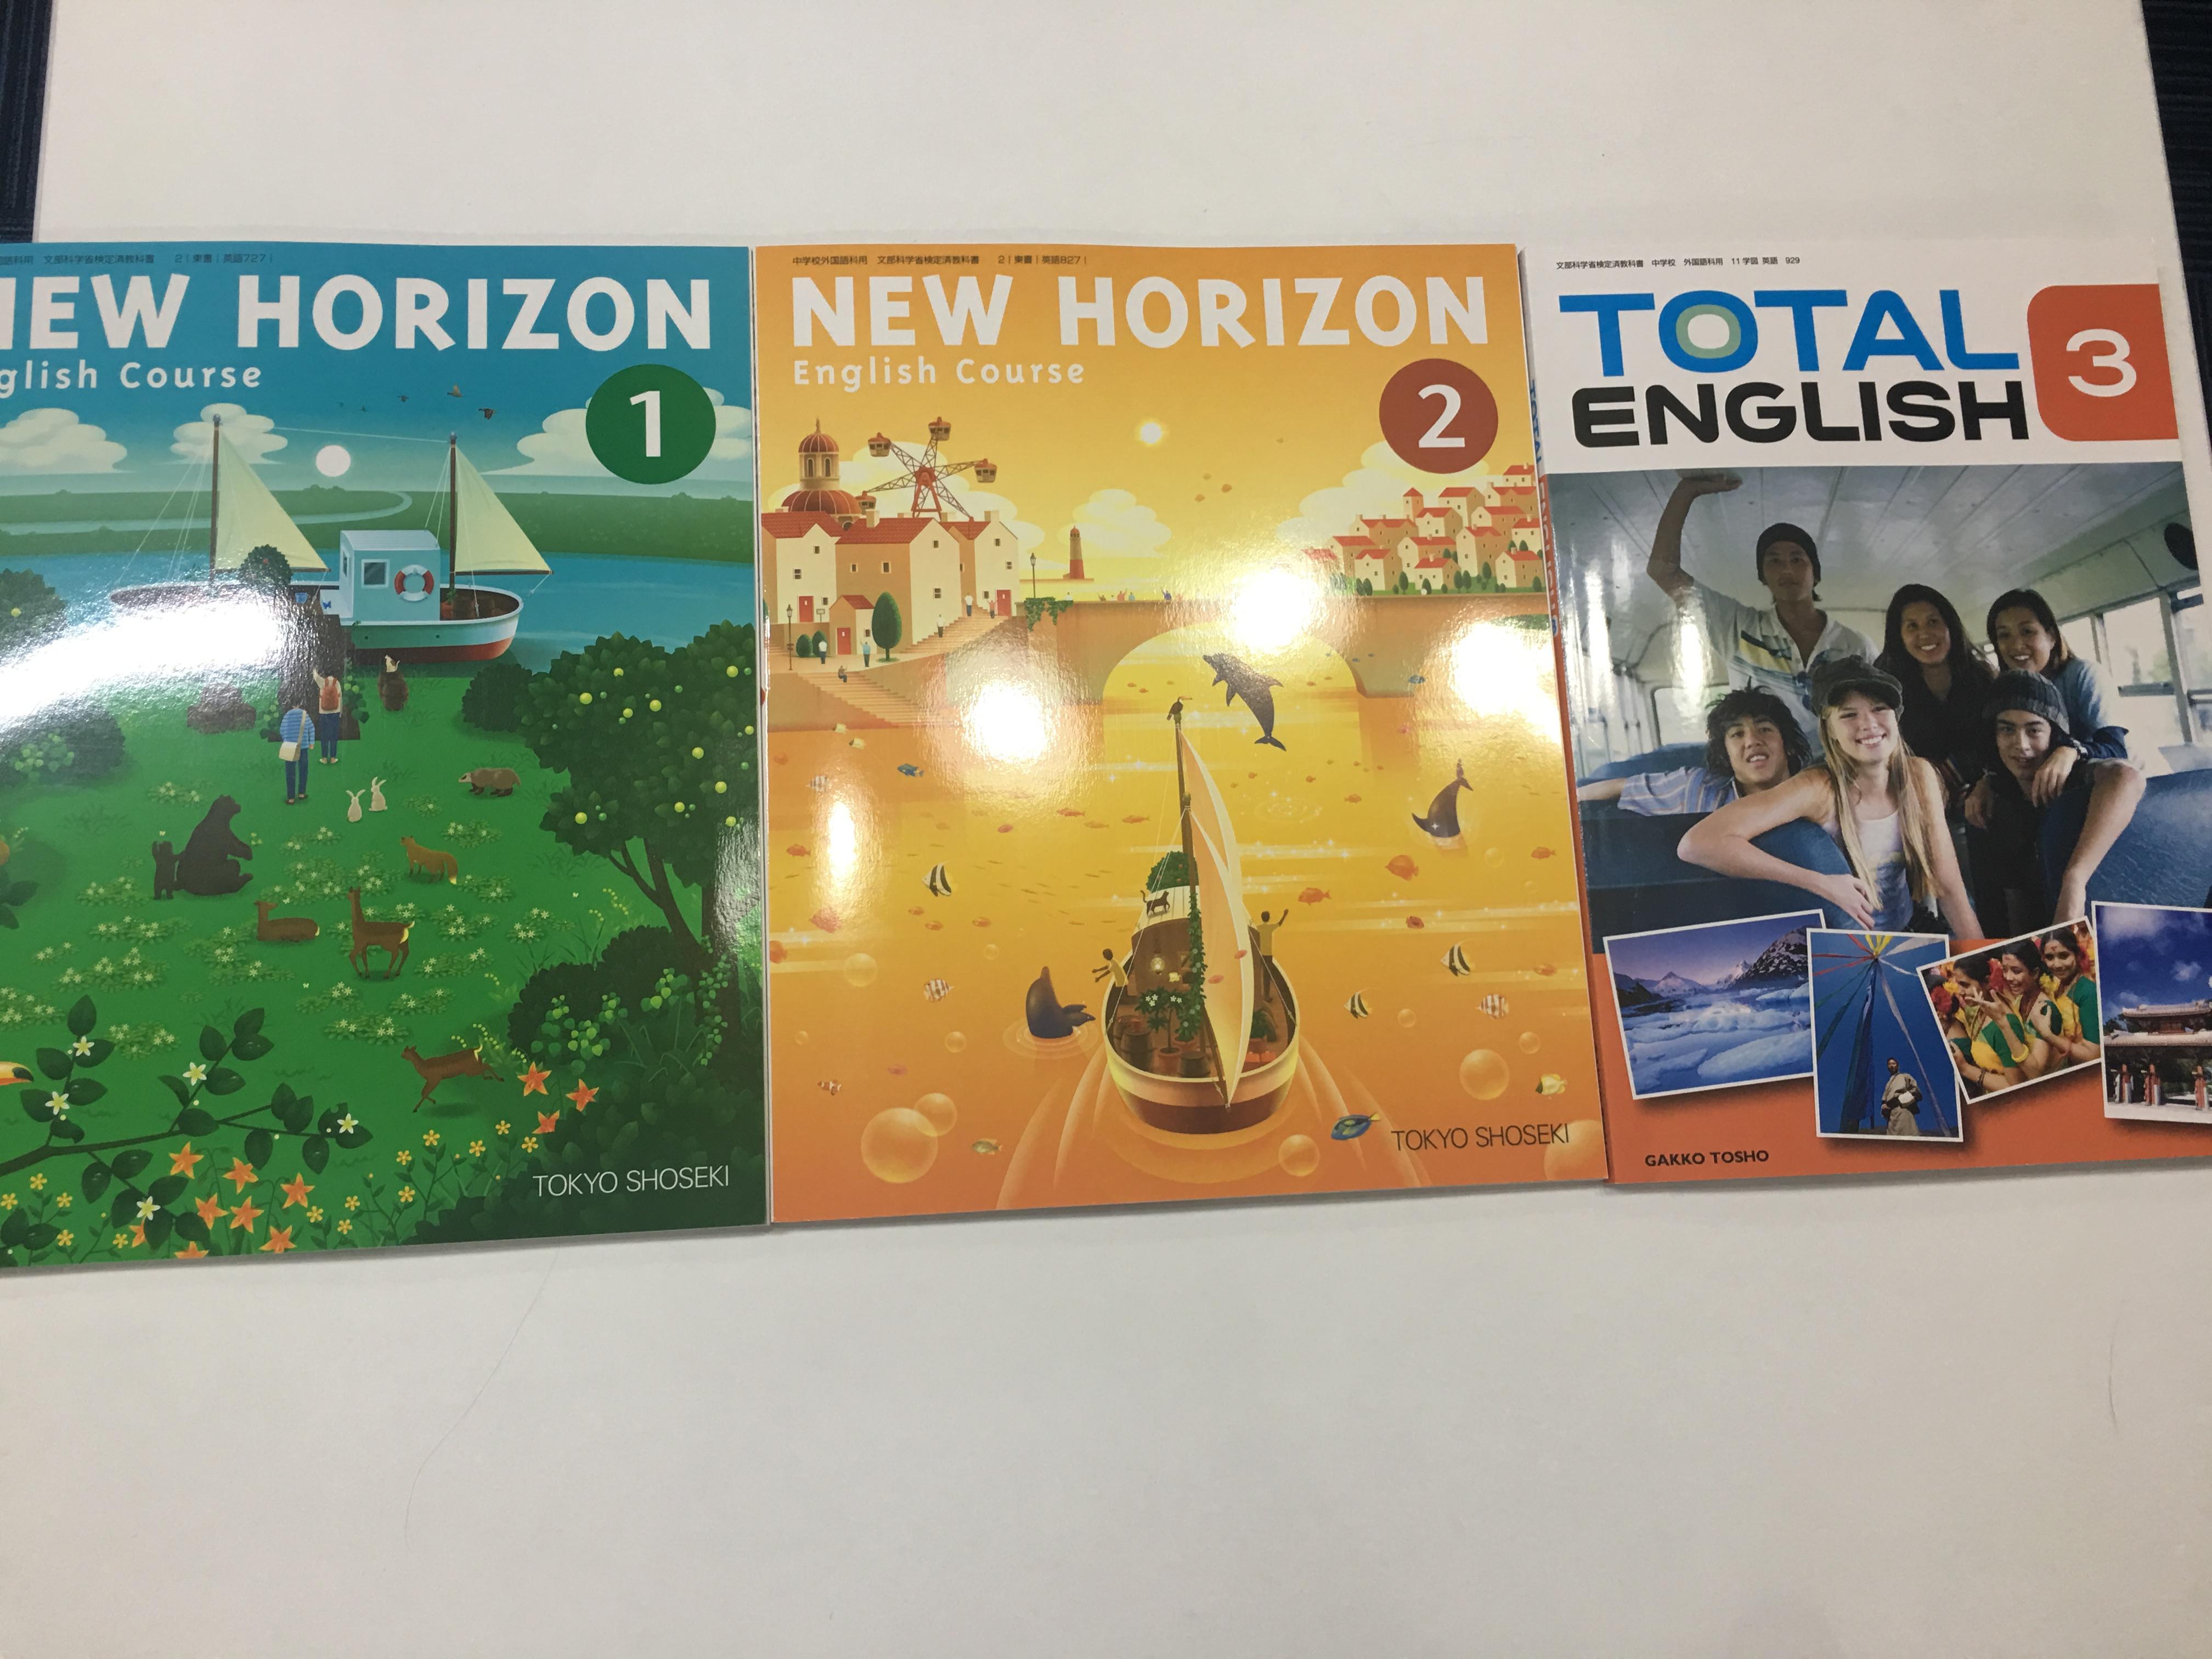 中学校で使っている英語の教科書(NEW HORIZON・TOTAL ENGLISHなど)に対応したテスト対策ができます!